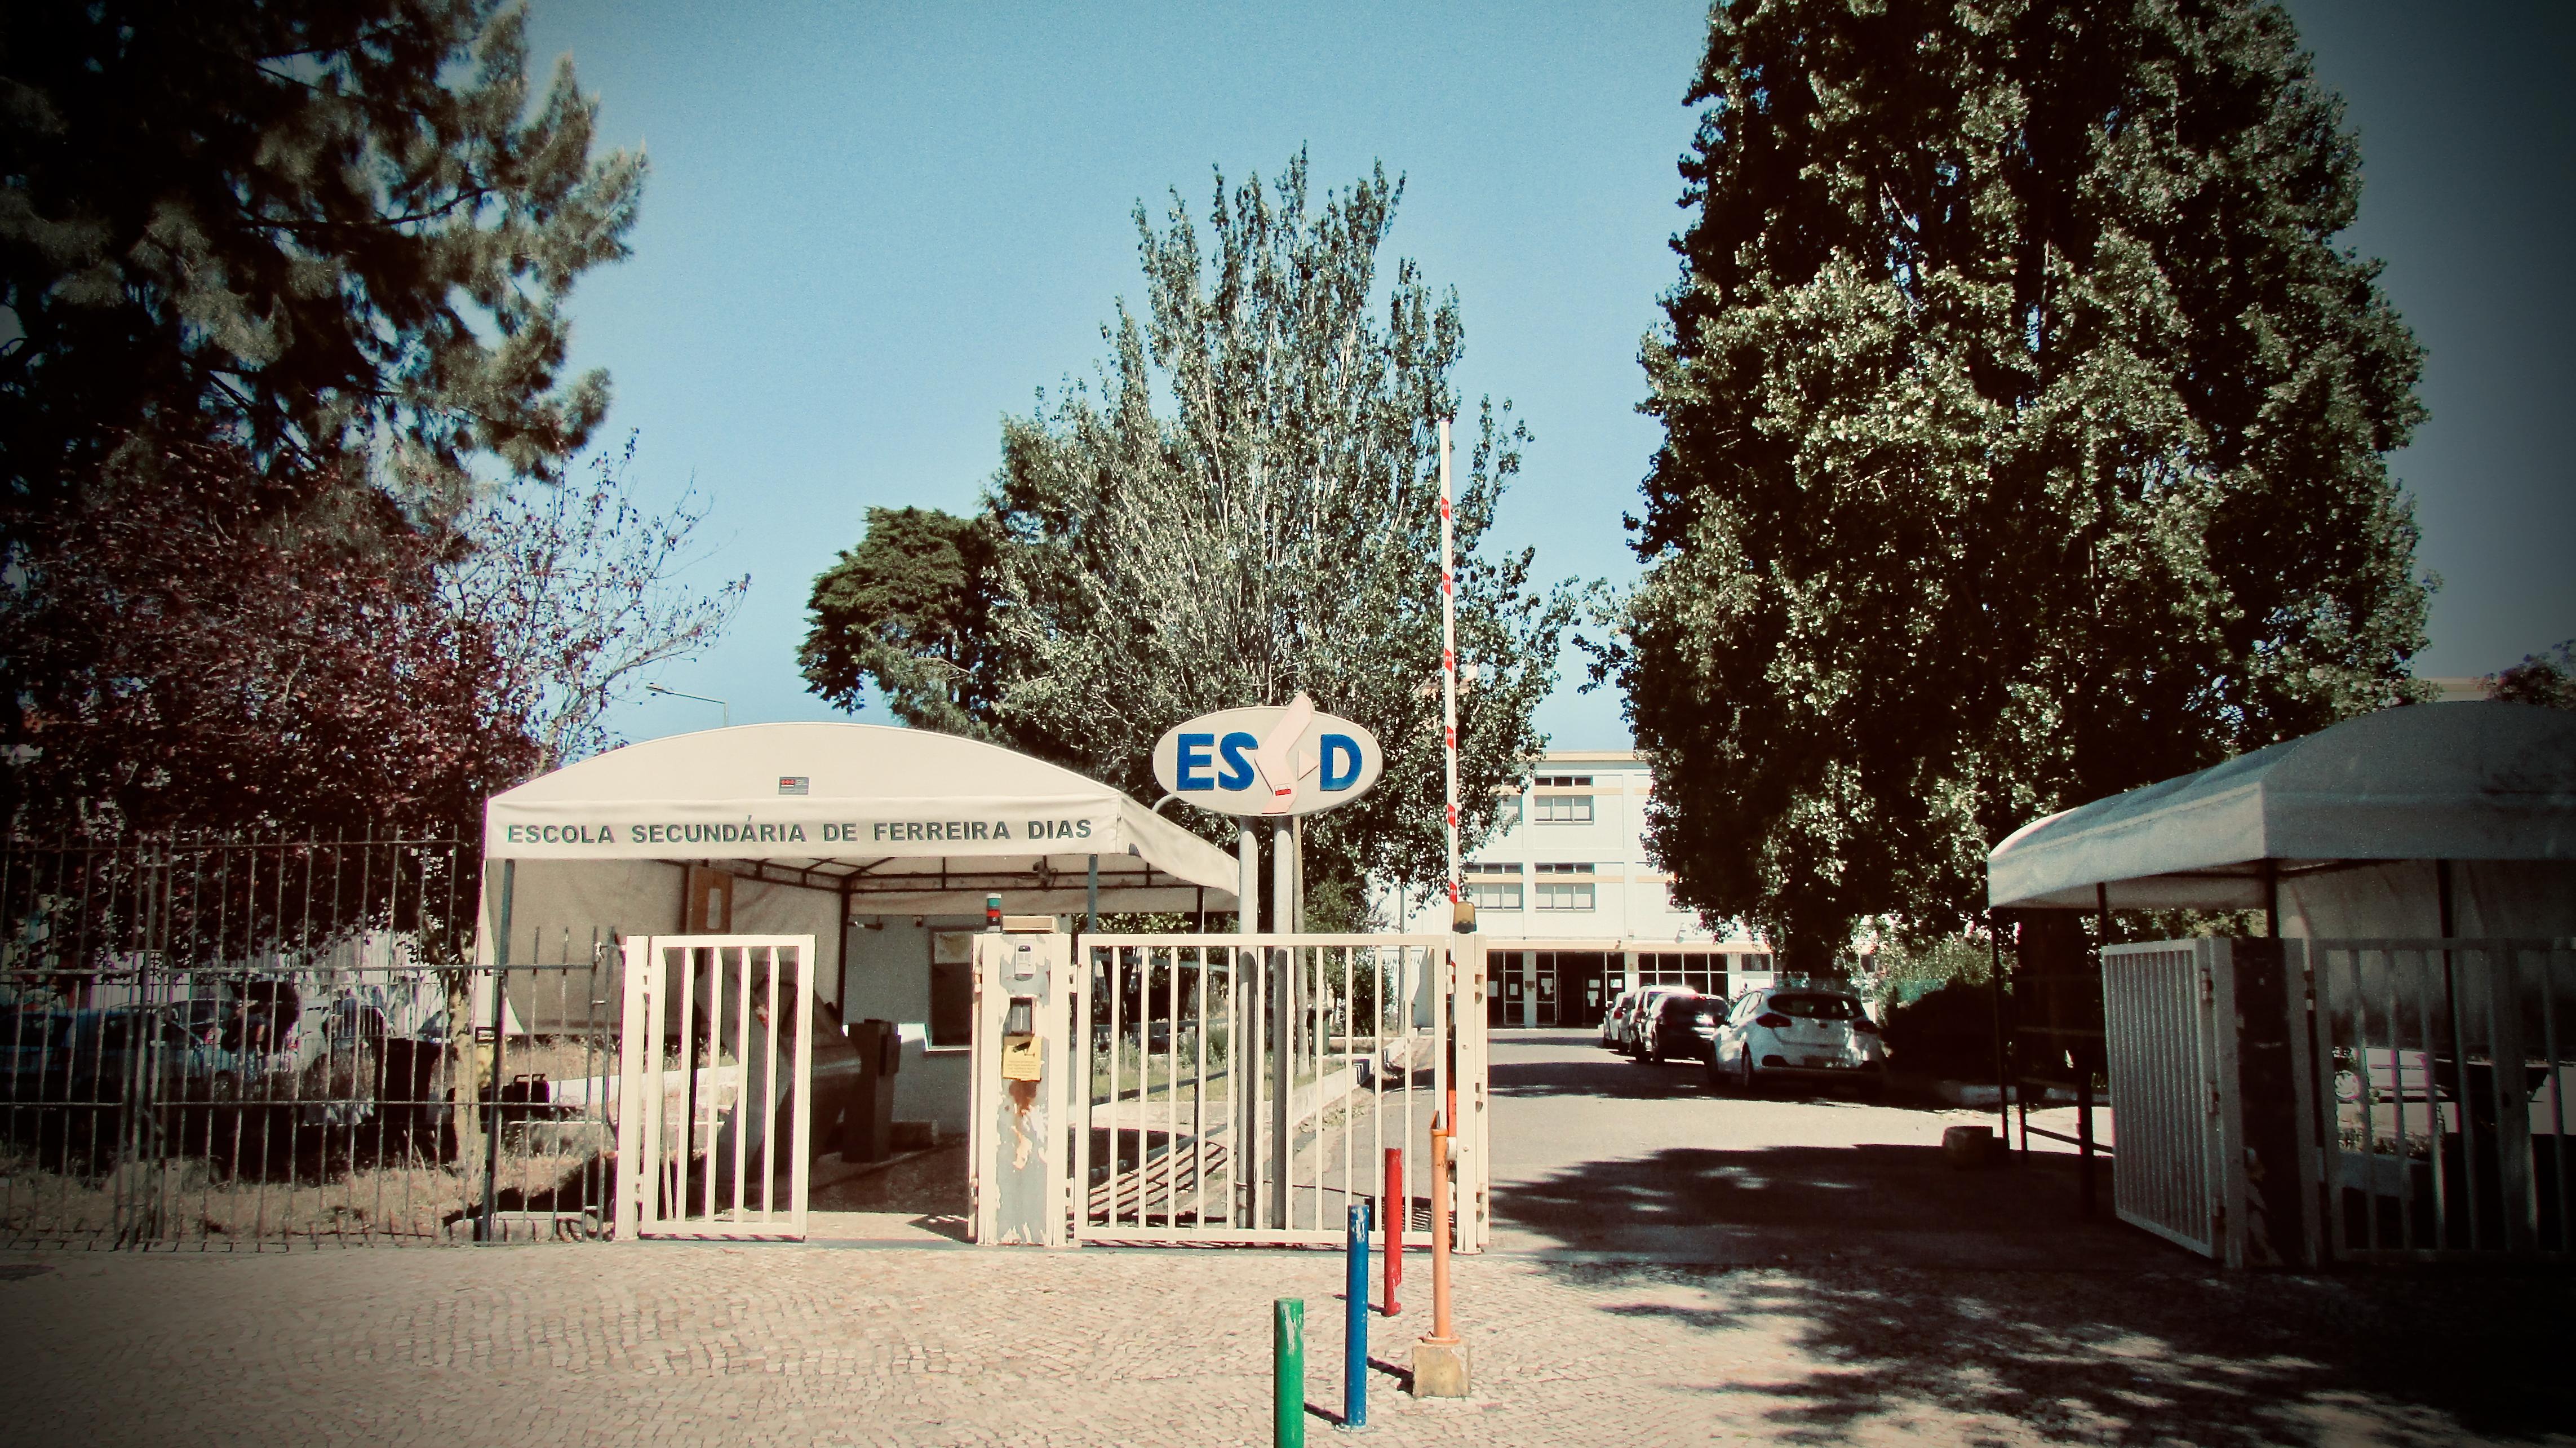 Escola sede: Escola Secundária Ferreira Dias